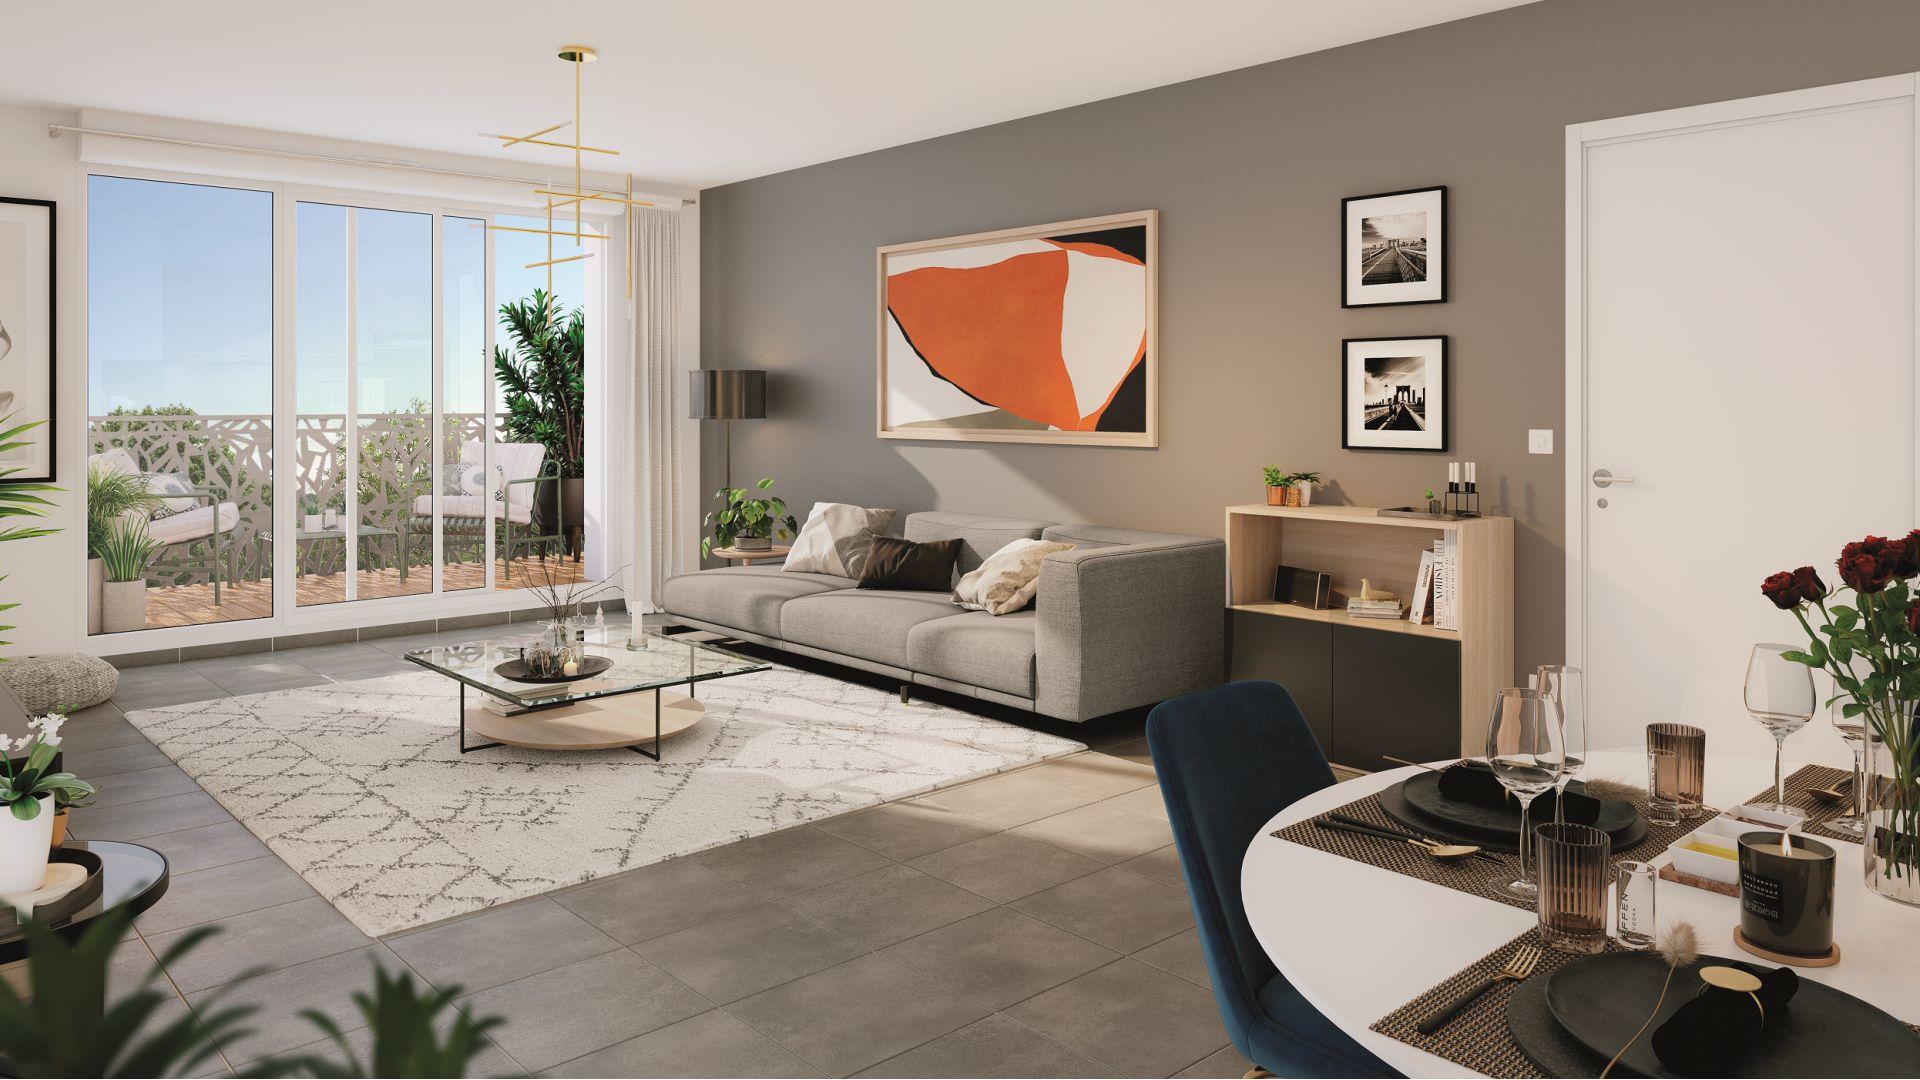 GreenCity immobilier - Vert-Le-Petit - 91710 - résidence Le Green Val - appartements neufs T2 - T3 - T4  - vue intérieure